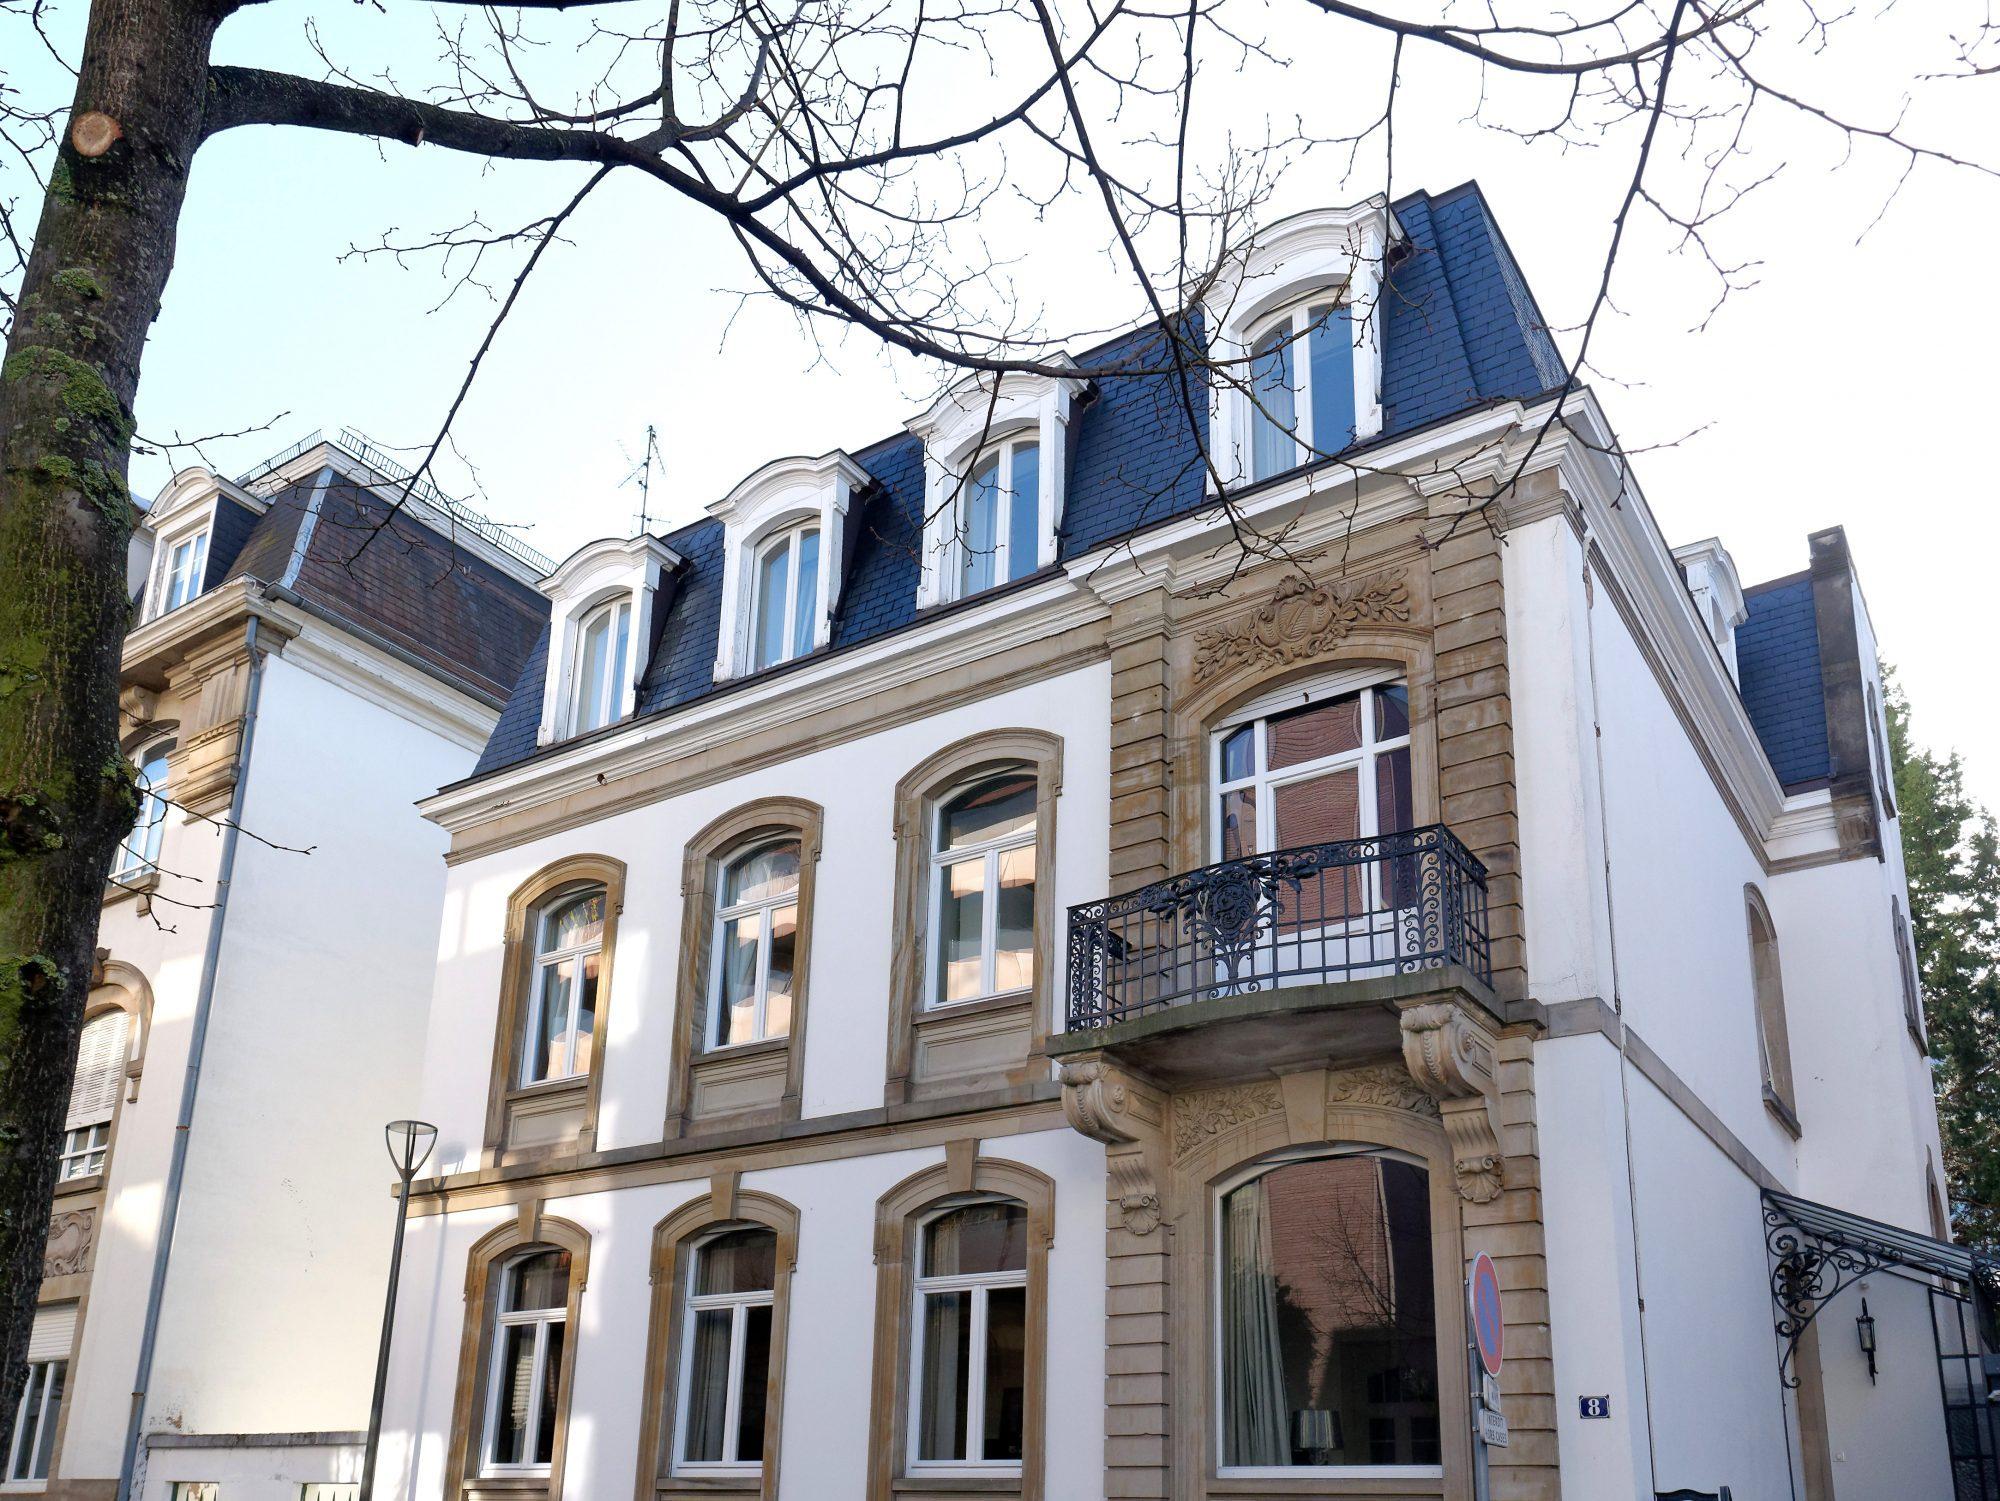 MAGNIFIQUE HOTEL PARTICULIER À STRASBOURG - Devenez propriétaire en toute confiance - Bintz Immobilier - 1